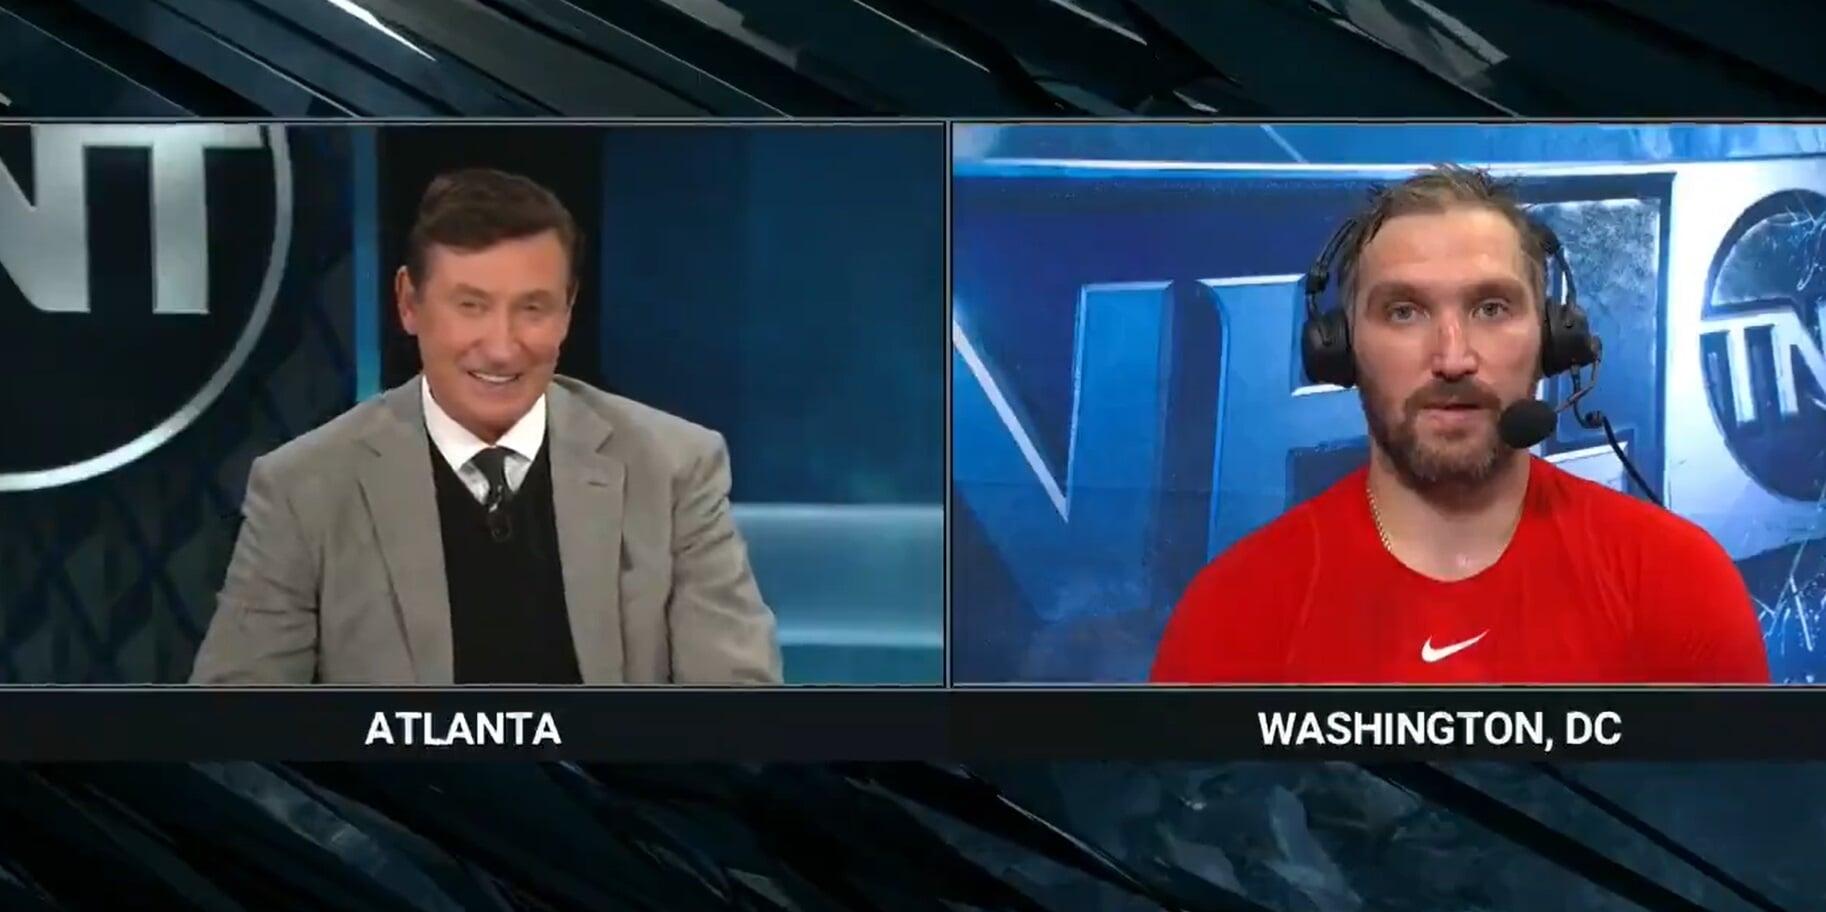 Гретцки взял интервью у Овечкина после матча с Рейнджерс: Привет, Алекс. Это Уэйн